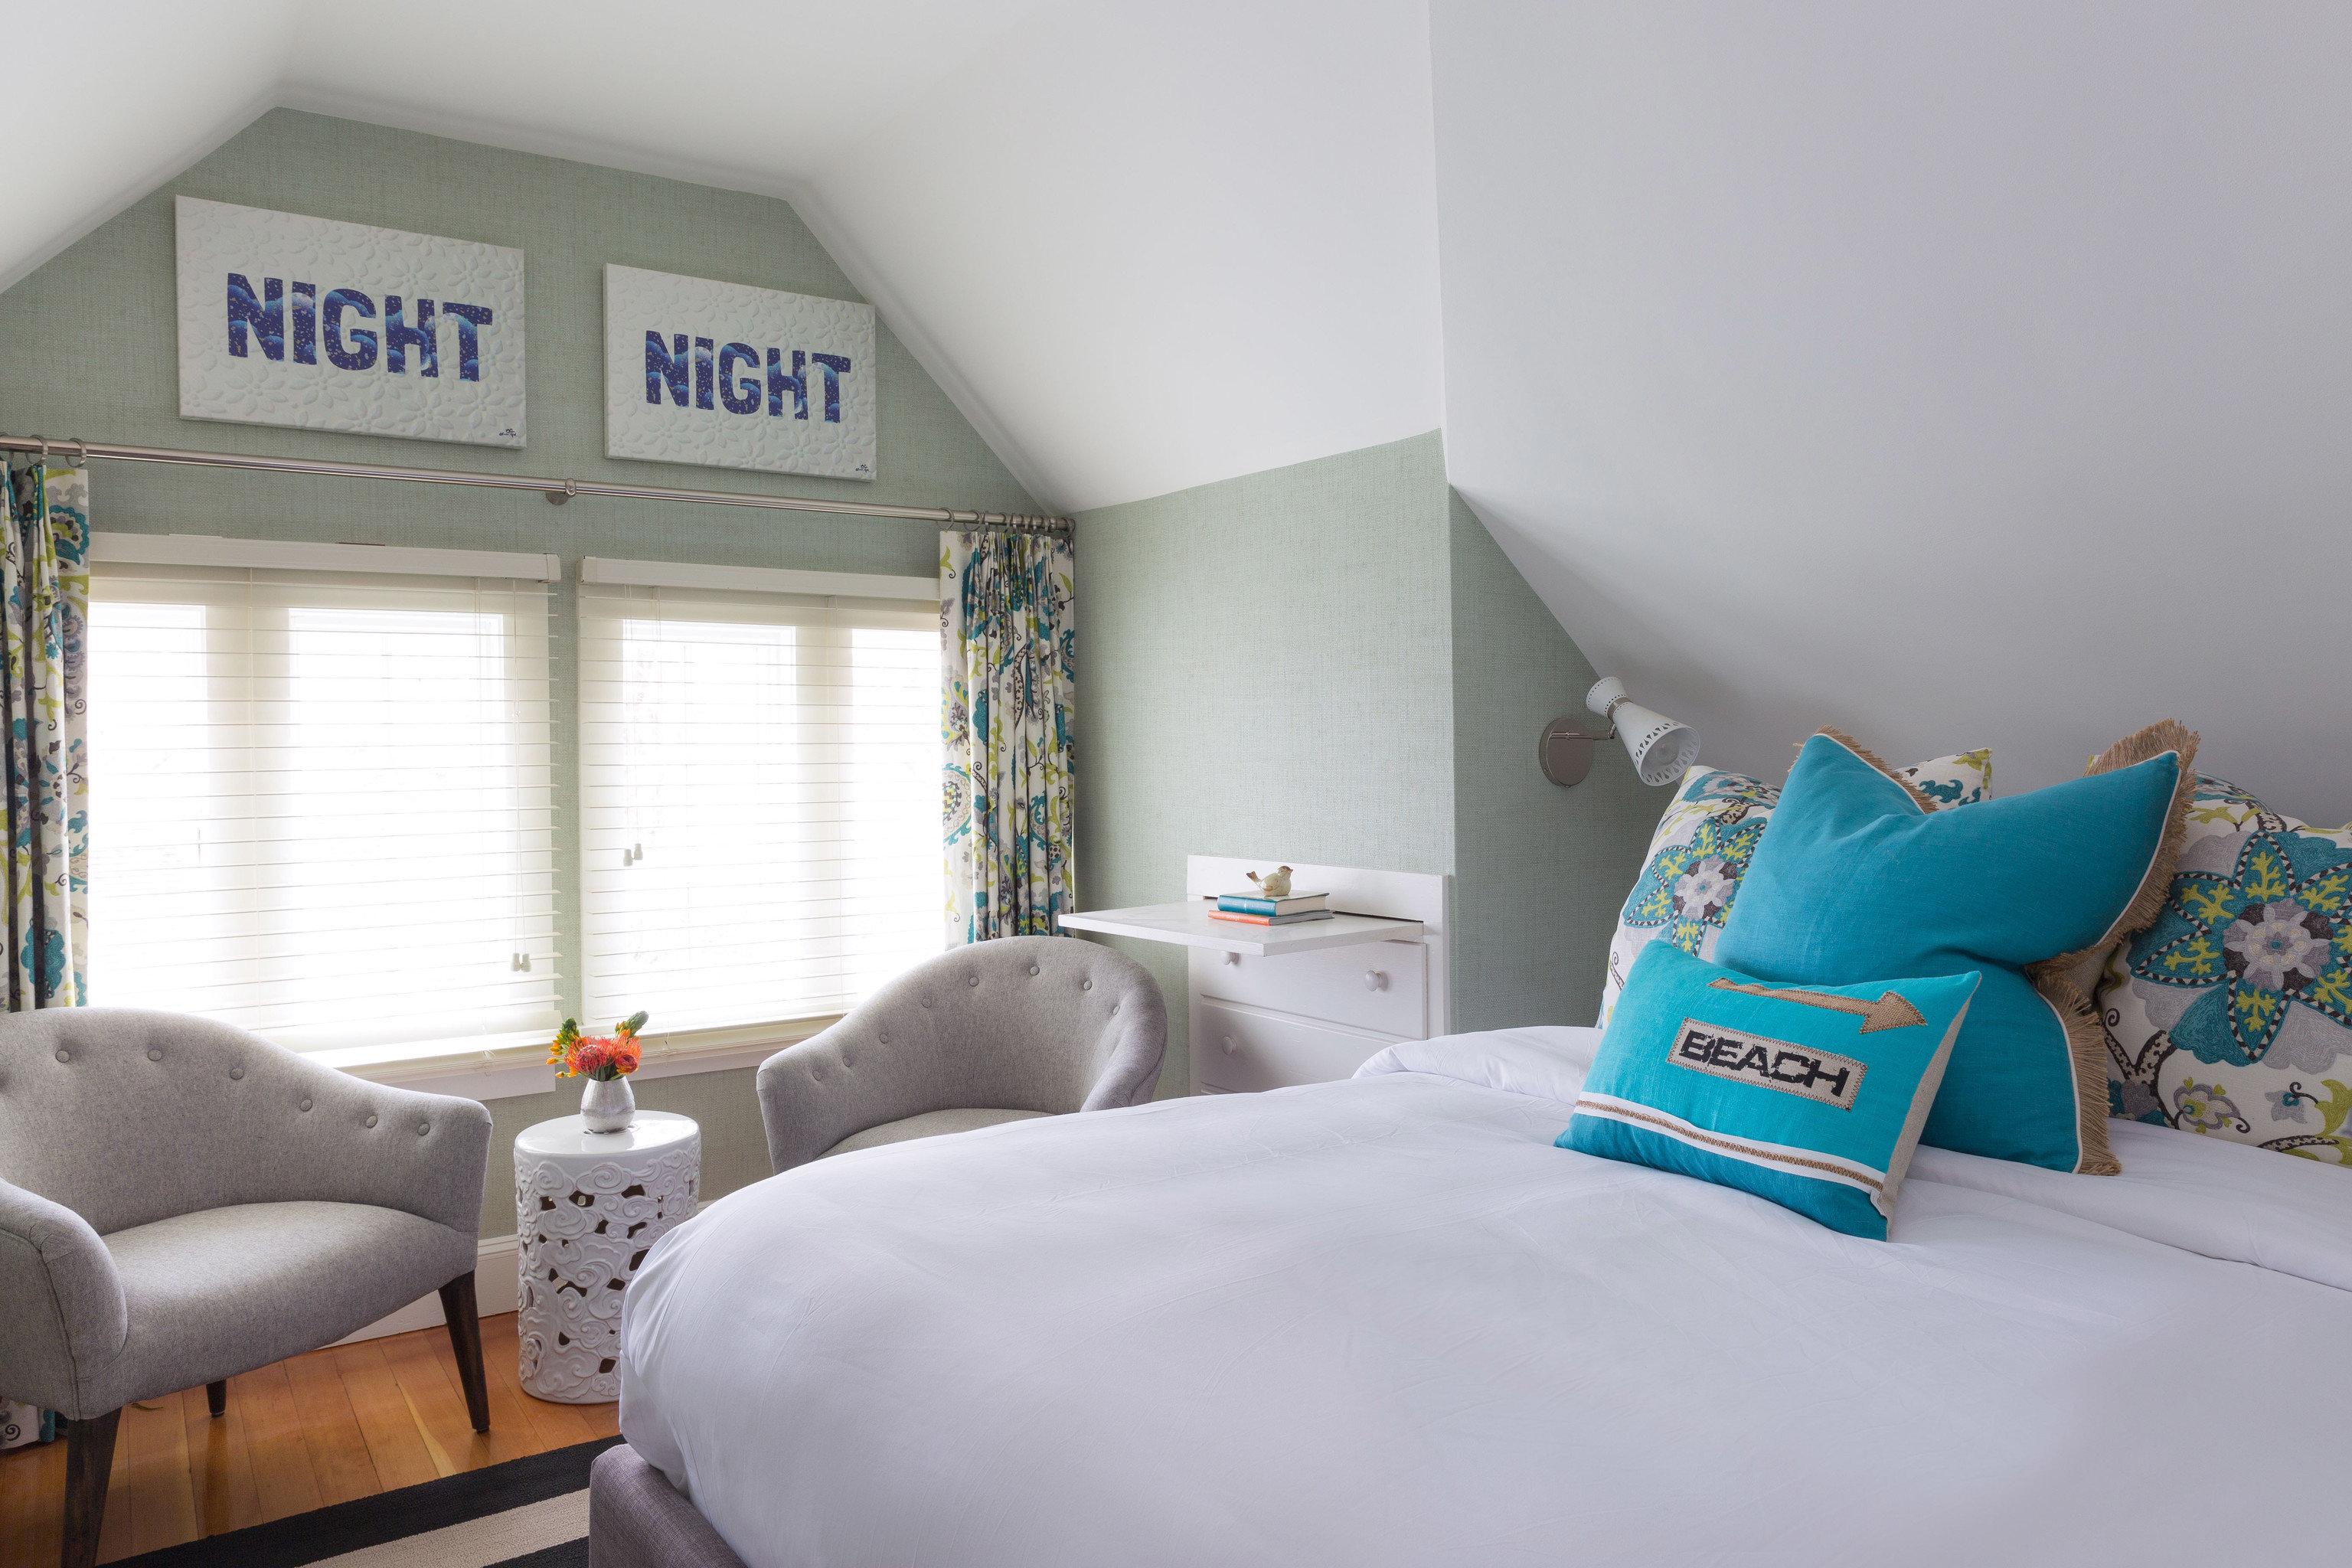 blue property Bedroom living room home house cottage bed sheet